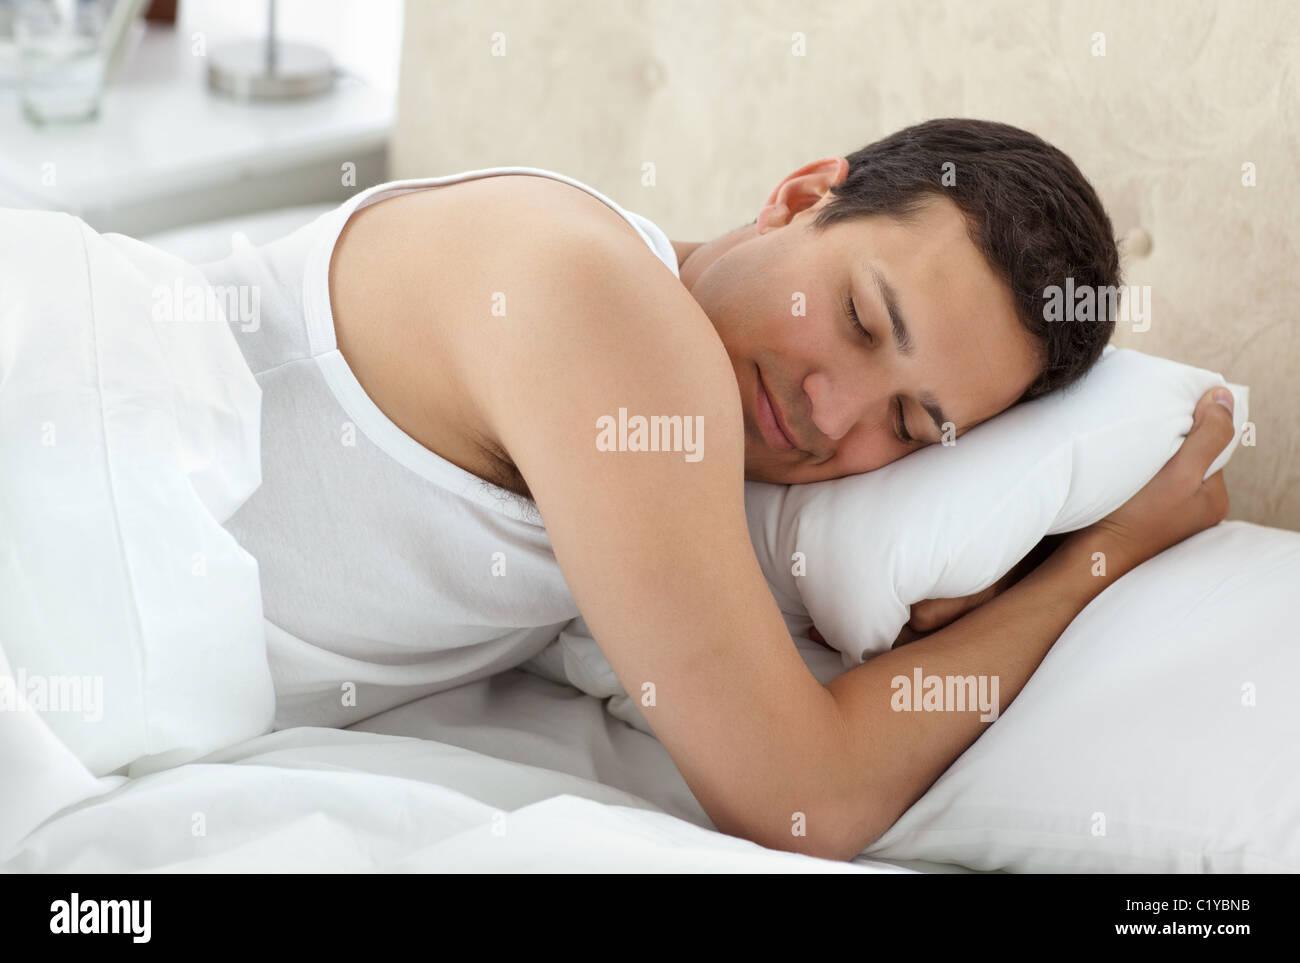 Carino uomo dorme tranquillamente sul suo letto Immagini Stock